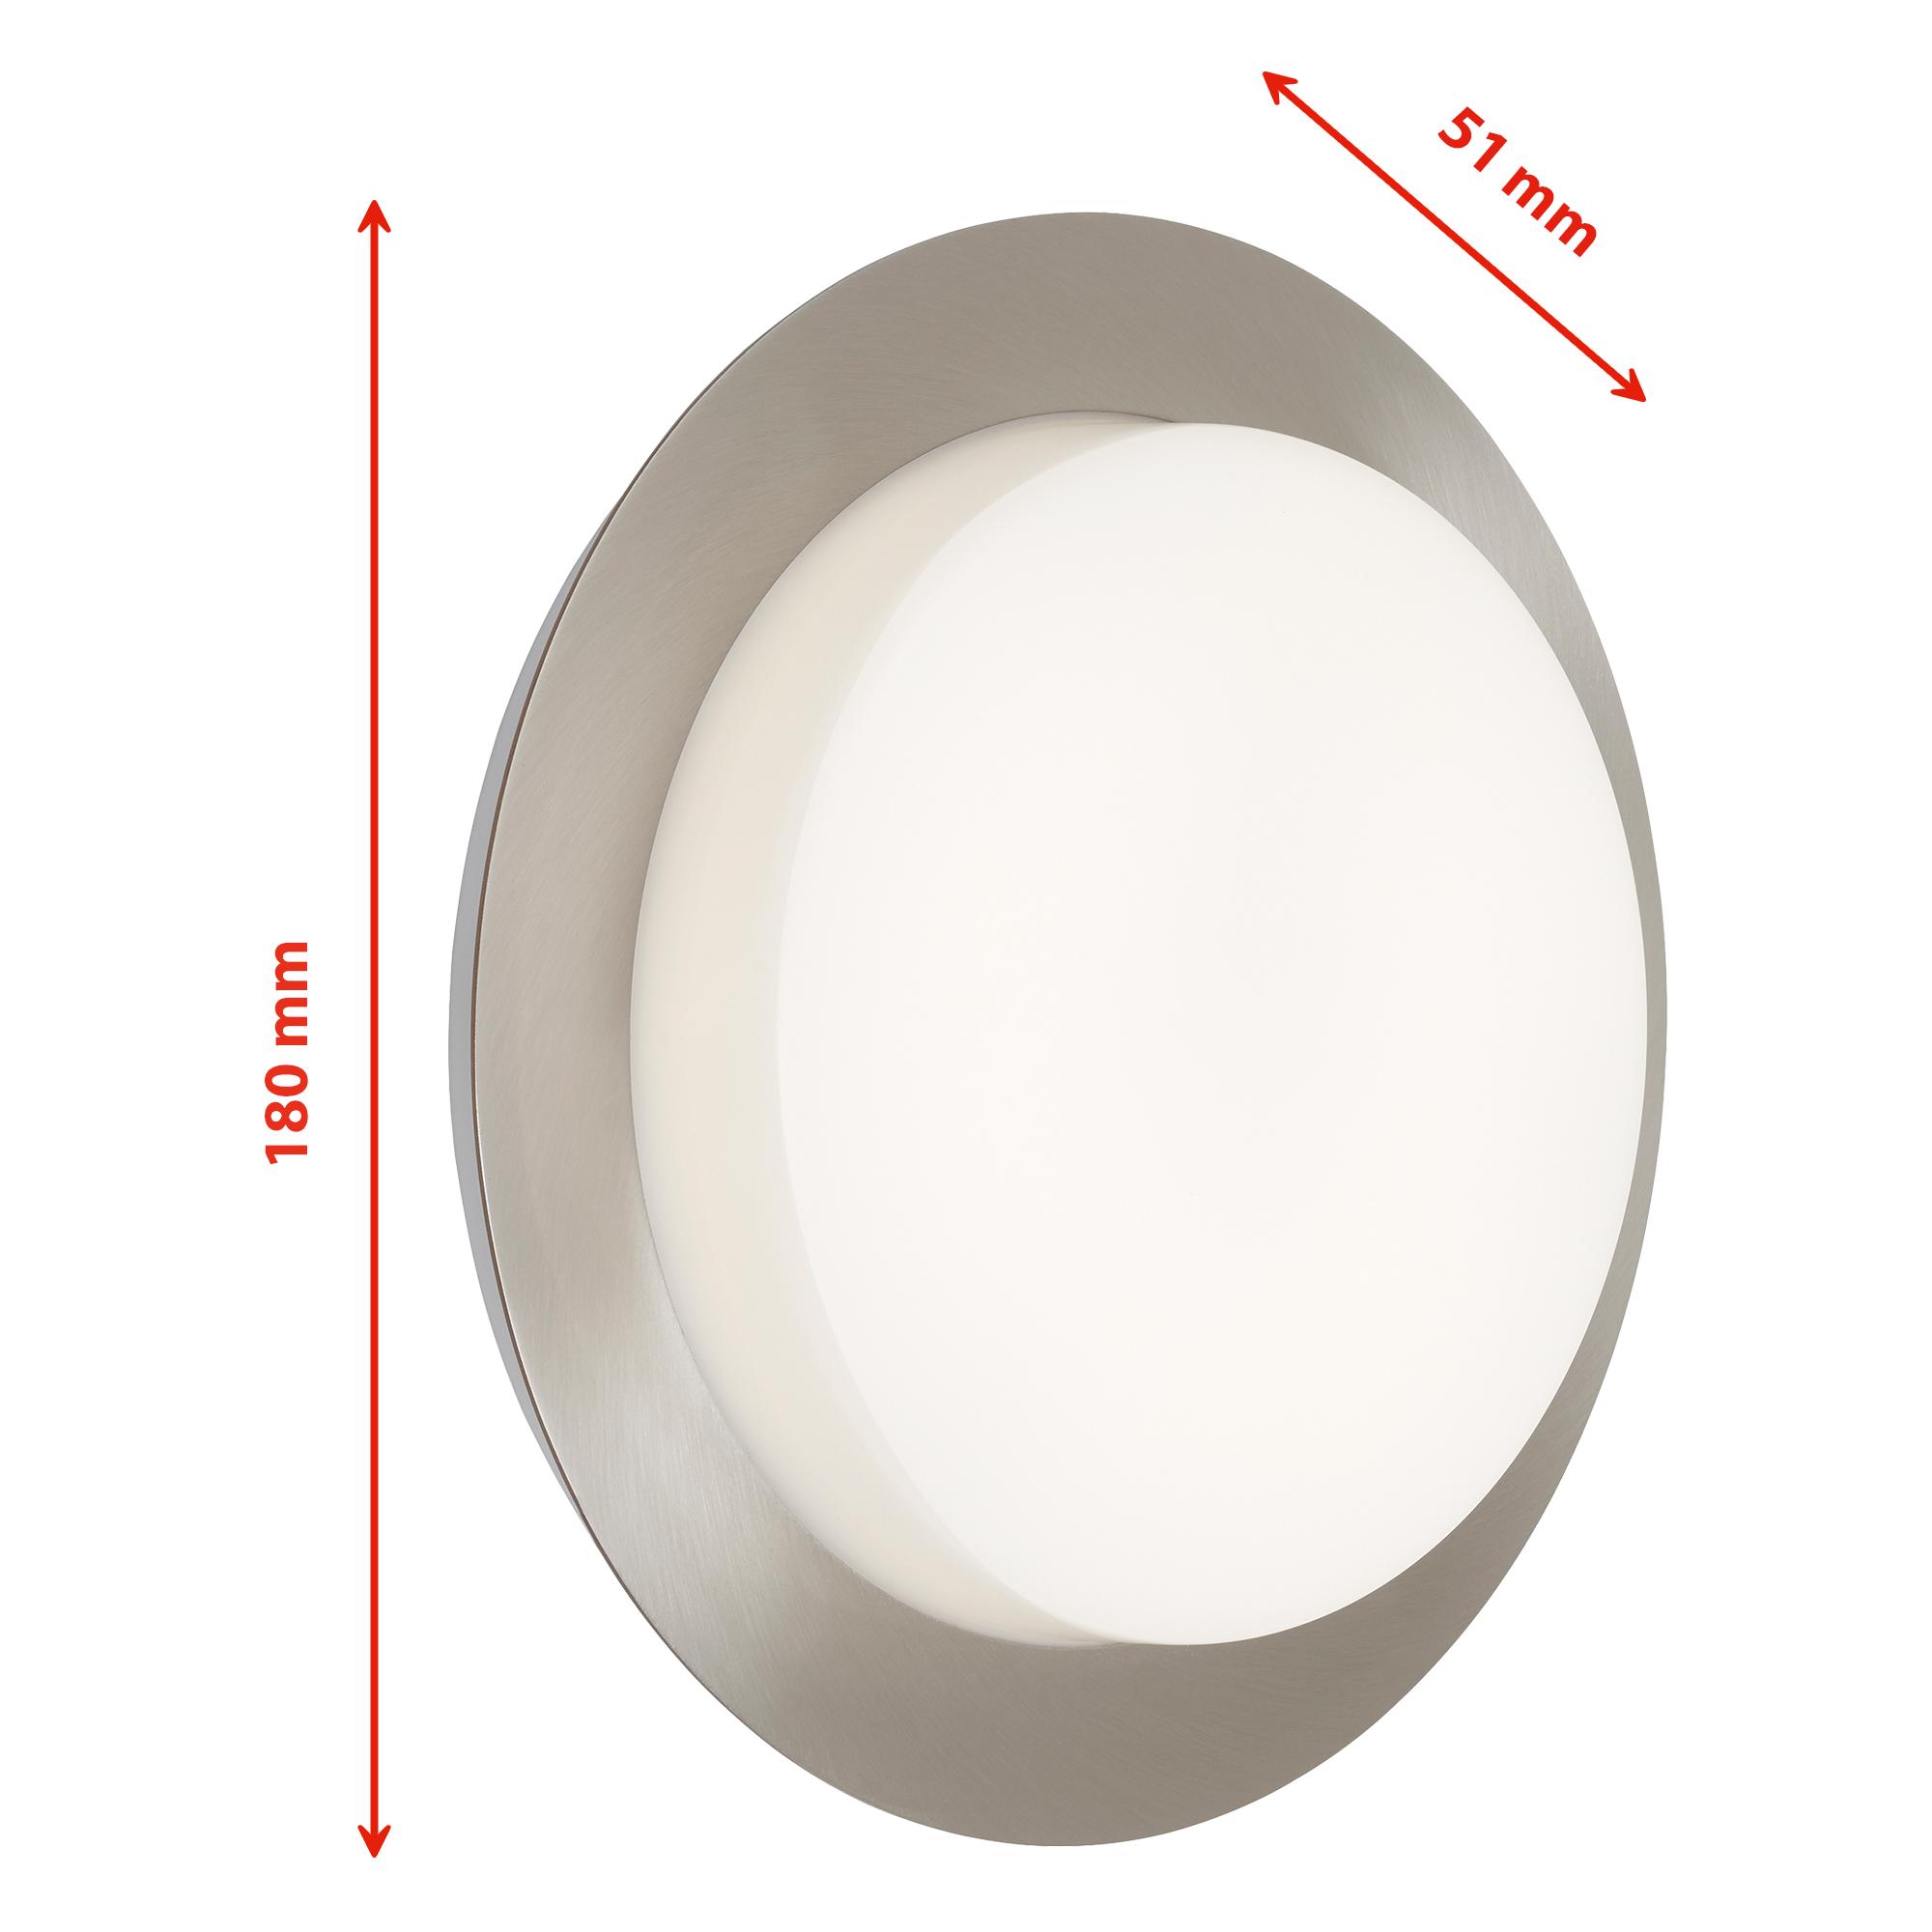 LED Aussenleuchte, Ø 18 cm, 9 W, Edelstahl